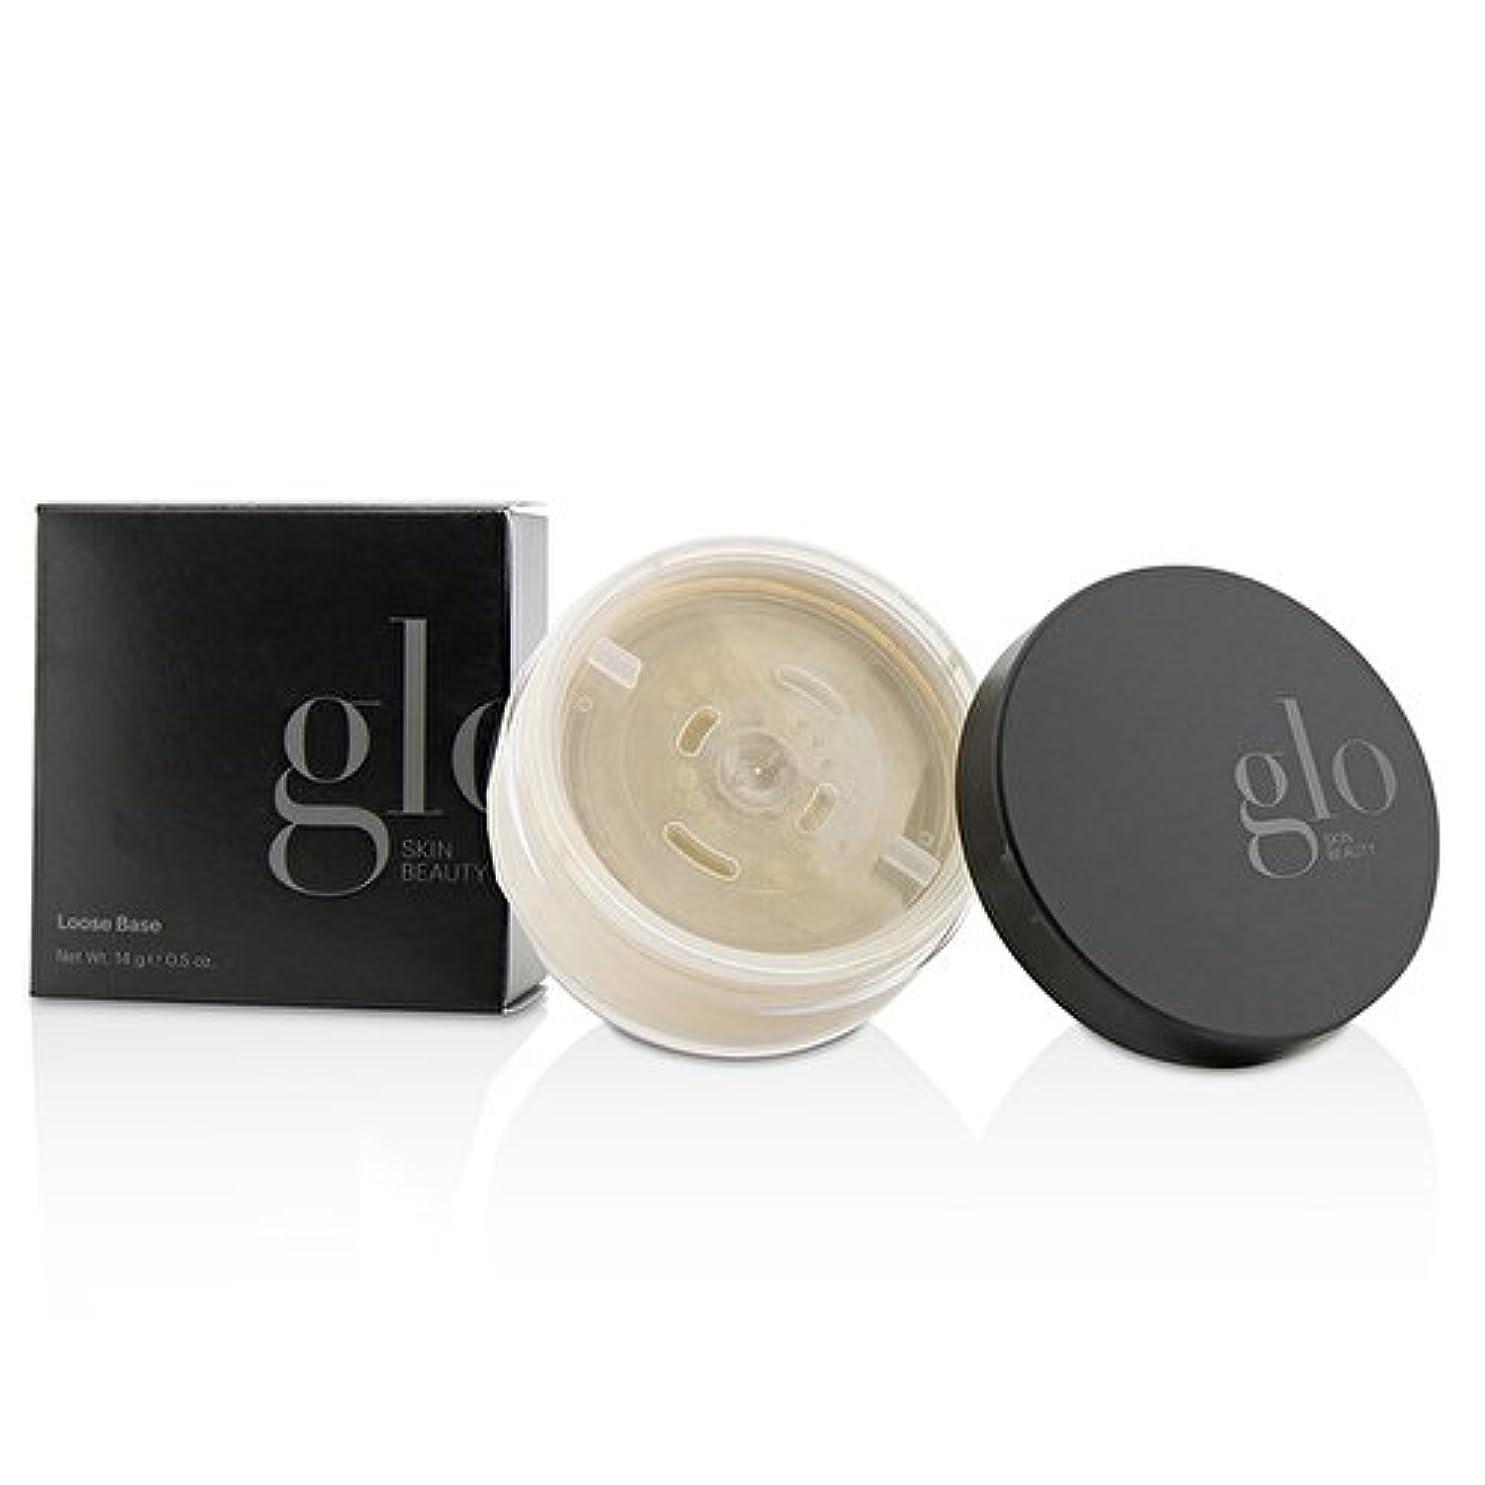 トリップヘルパーに賛成Glo Skin Beauty Loose Base (Mineral Foundation) - # Natural Fair 14g/0.5oz並行輸入品